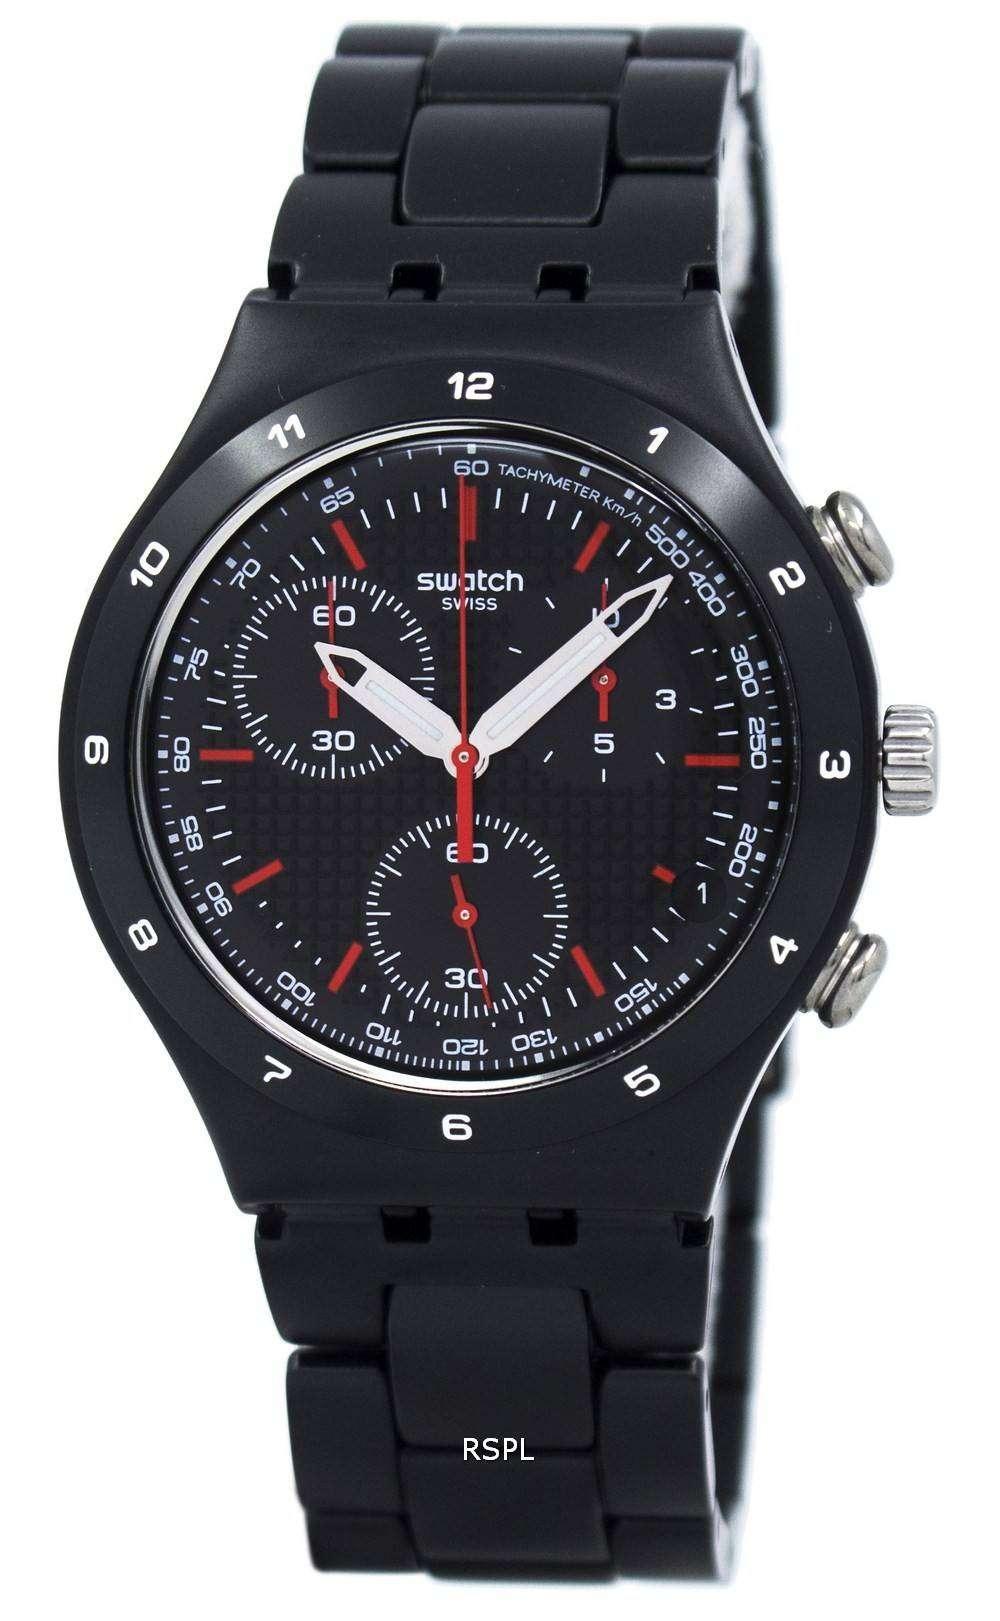 スウォッチ アイロニー ブラック コーティング Chorongraph クオーツ YCB4019AG ユニセックス腕時計